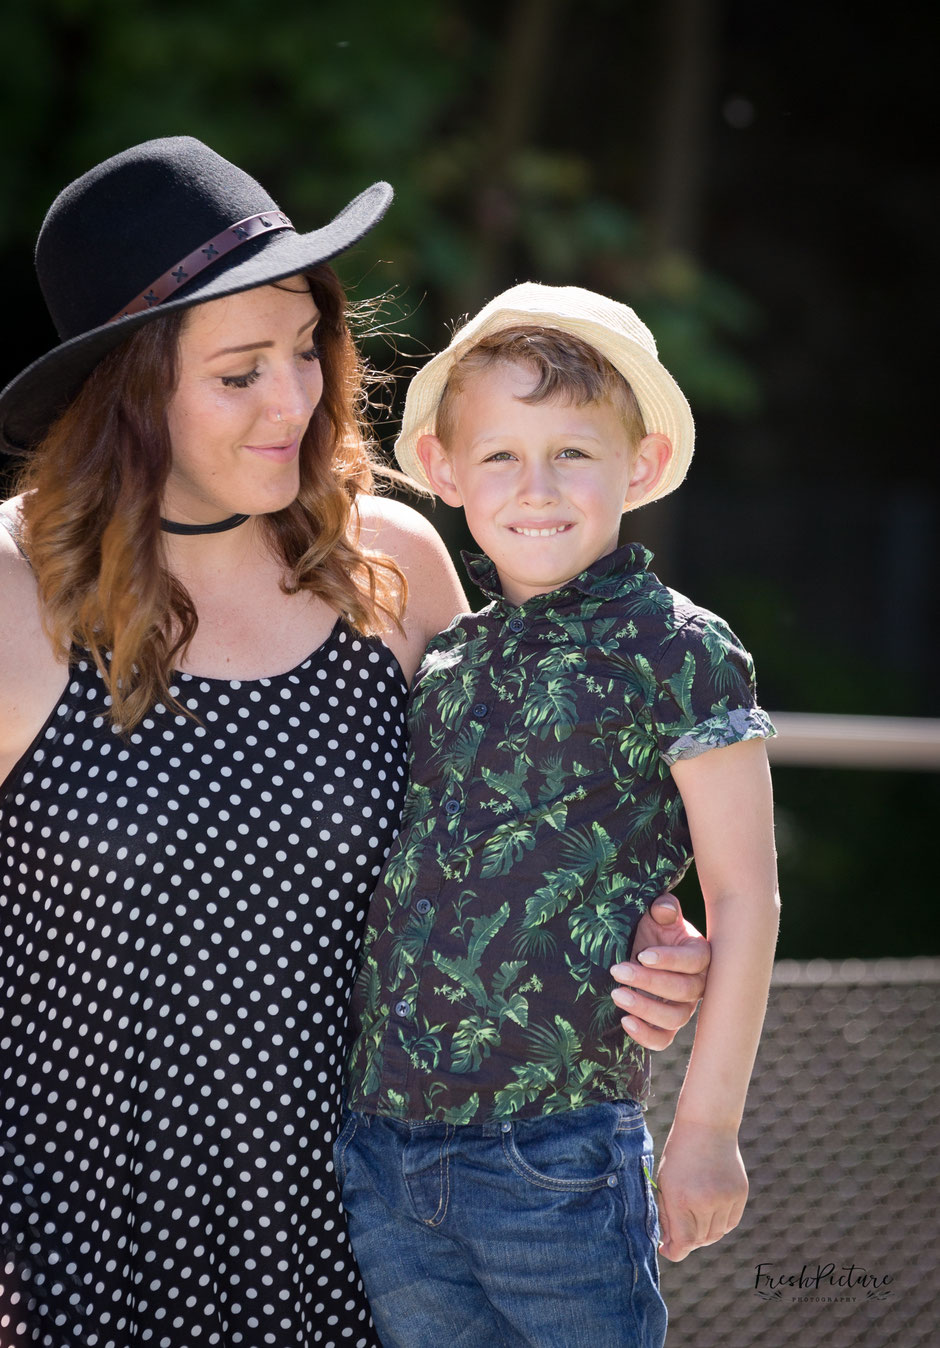 Coole Outfits fürs Familienfoto